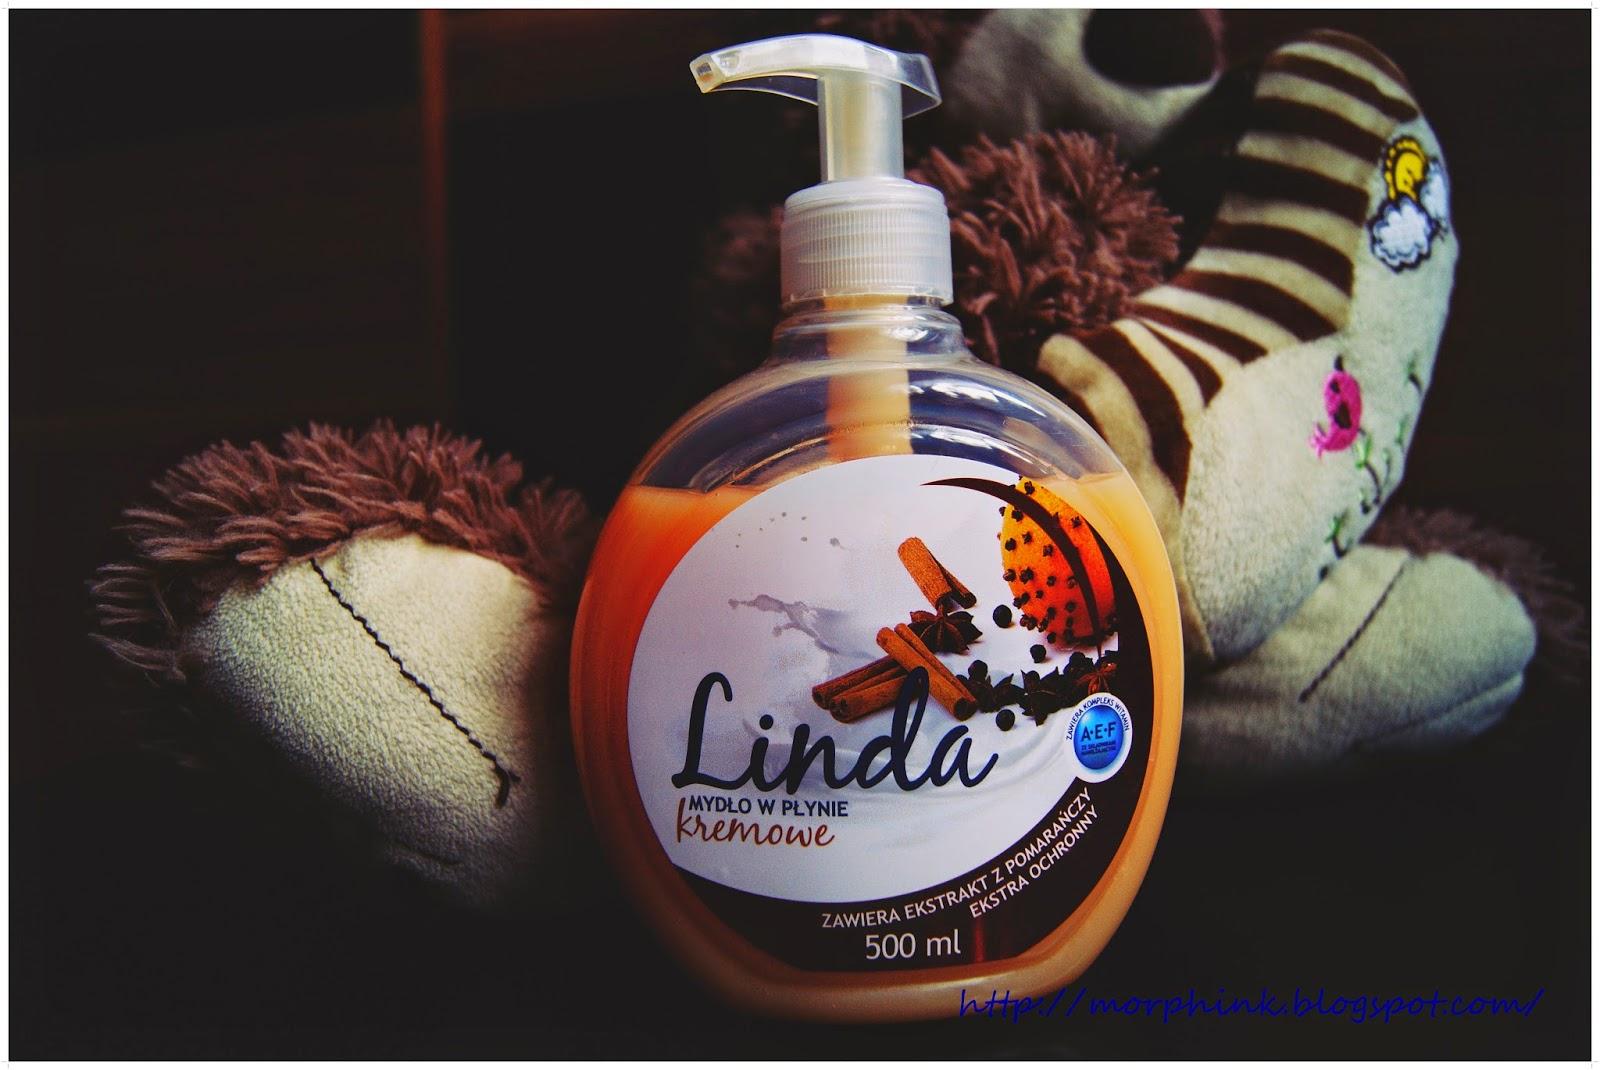 Linda? Bogusław Linda?